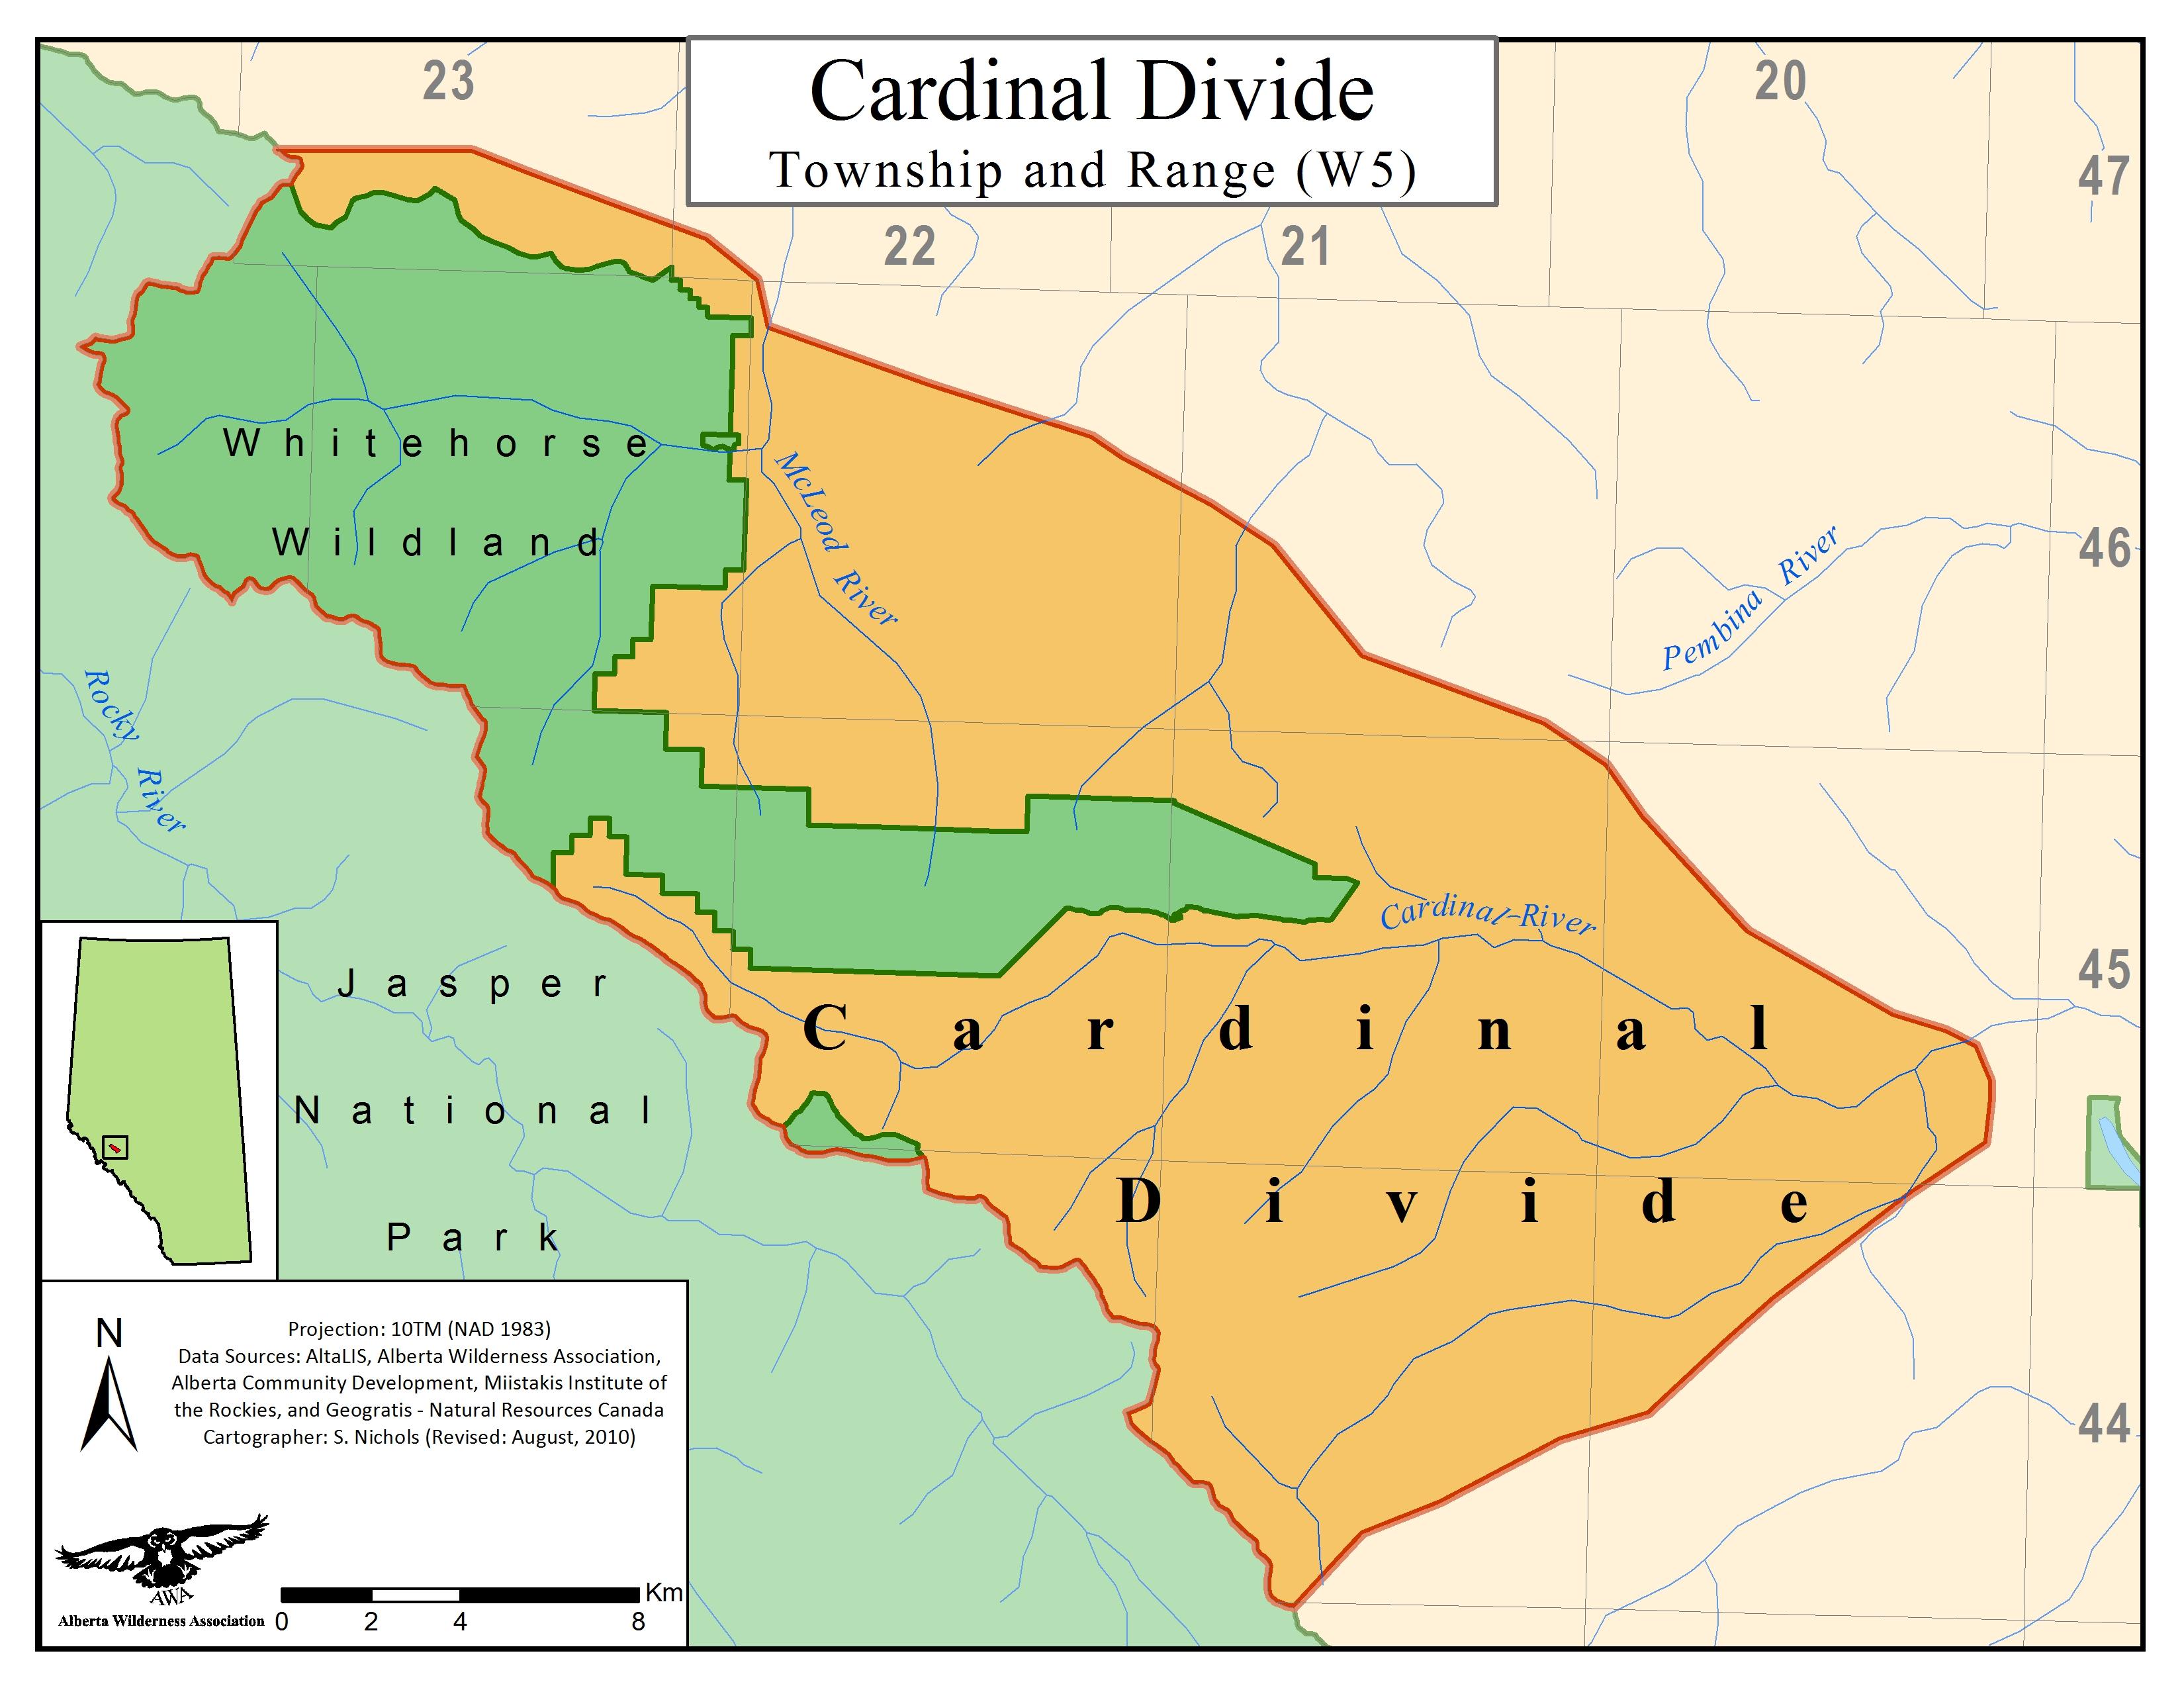 Cardinal Divide Alberta Wilderness Association